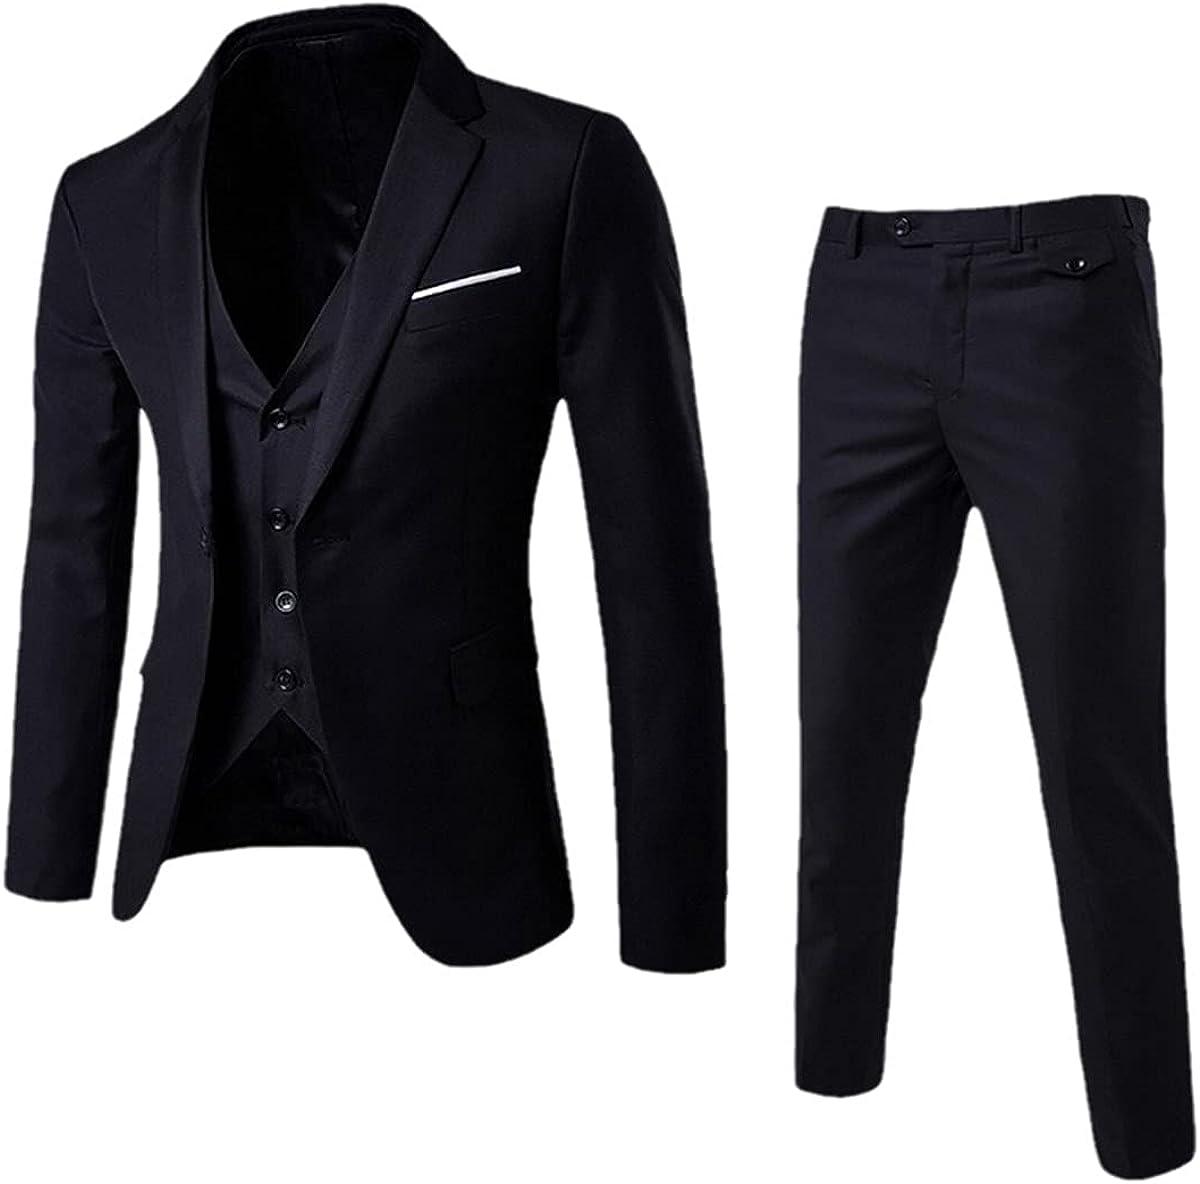 CACLSL 3-Piece Men's Wedding Suit Fashion Slim Solid Color Comfortable Business Office Suit Jacket + Pants + Vest